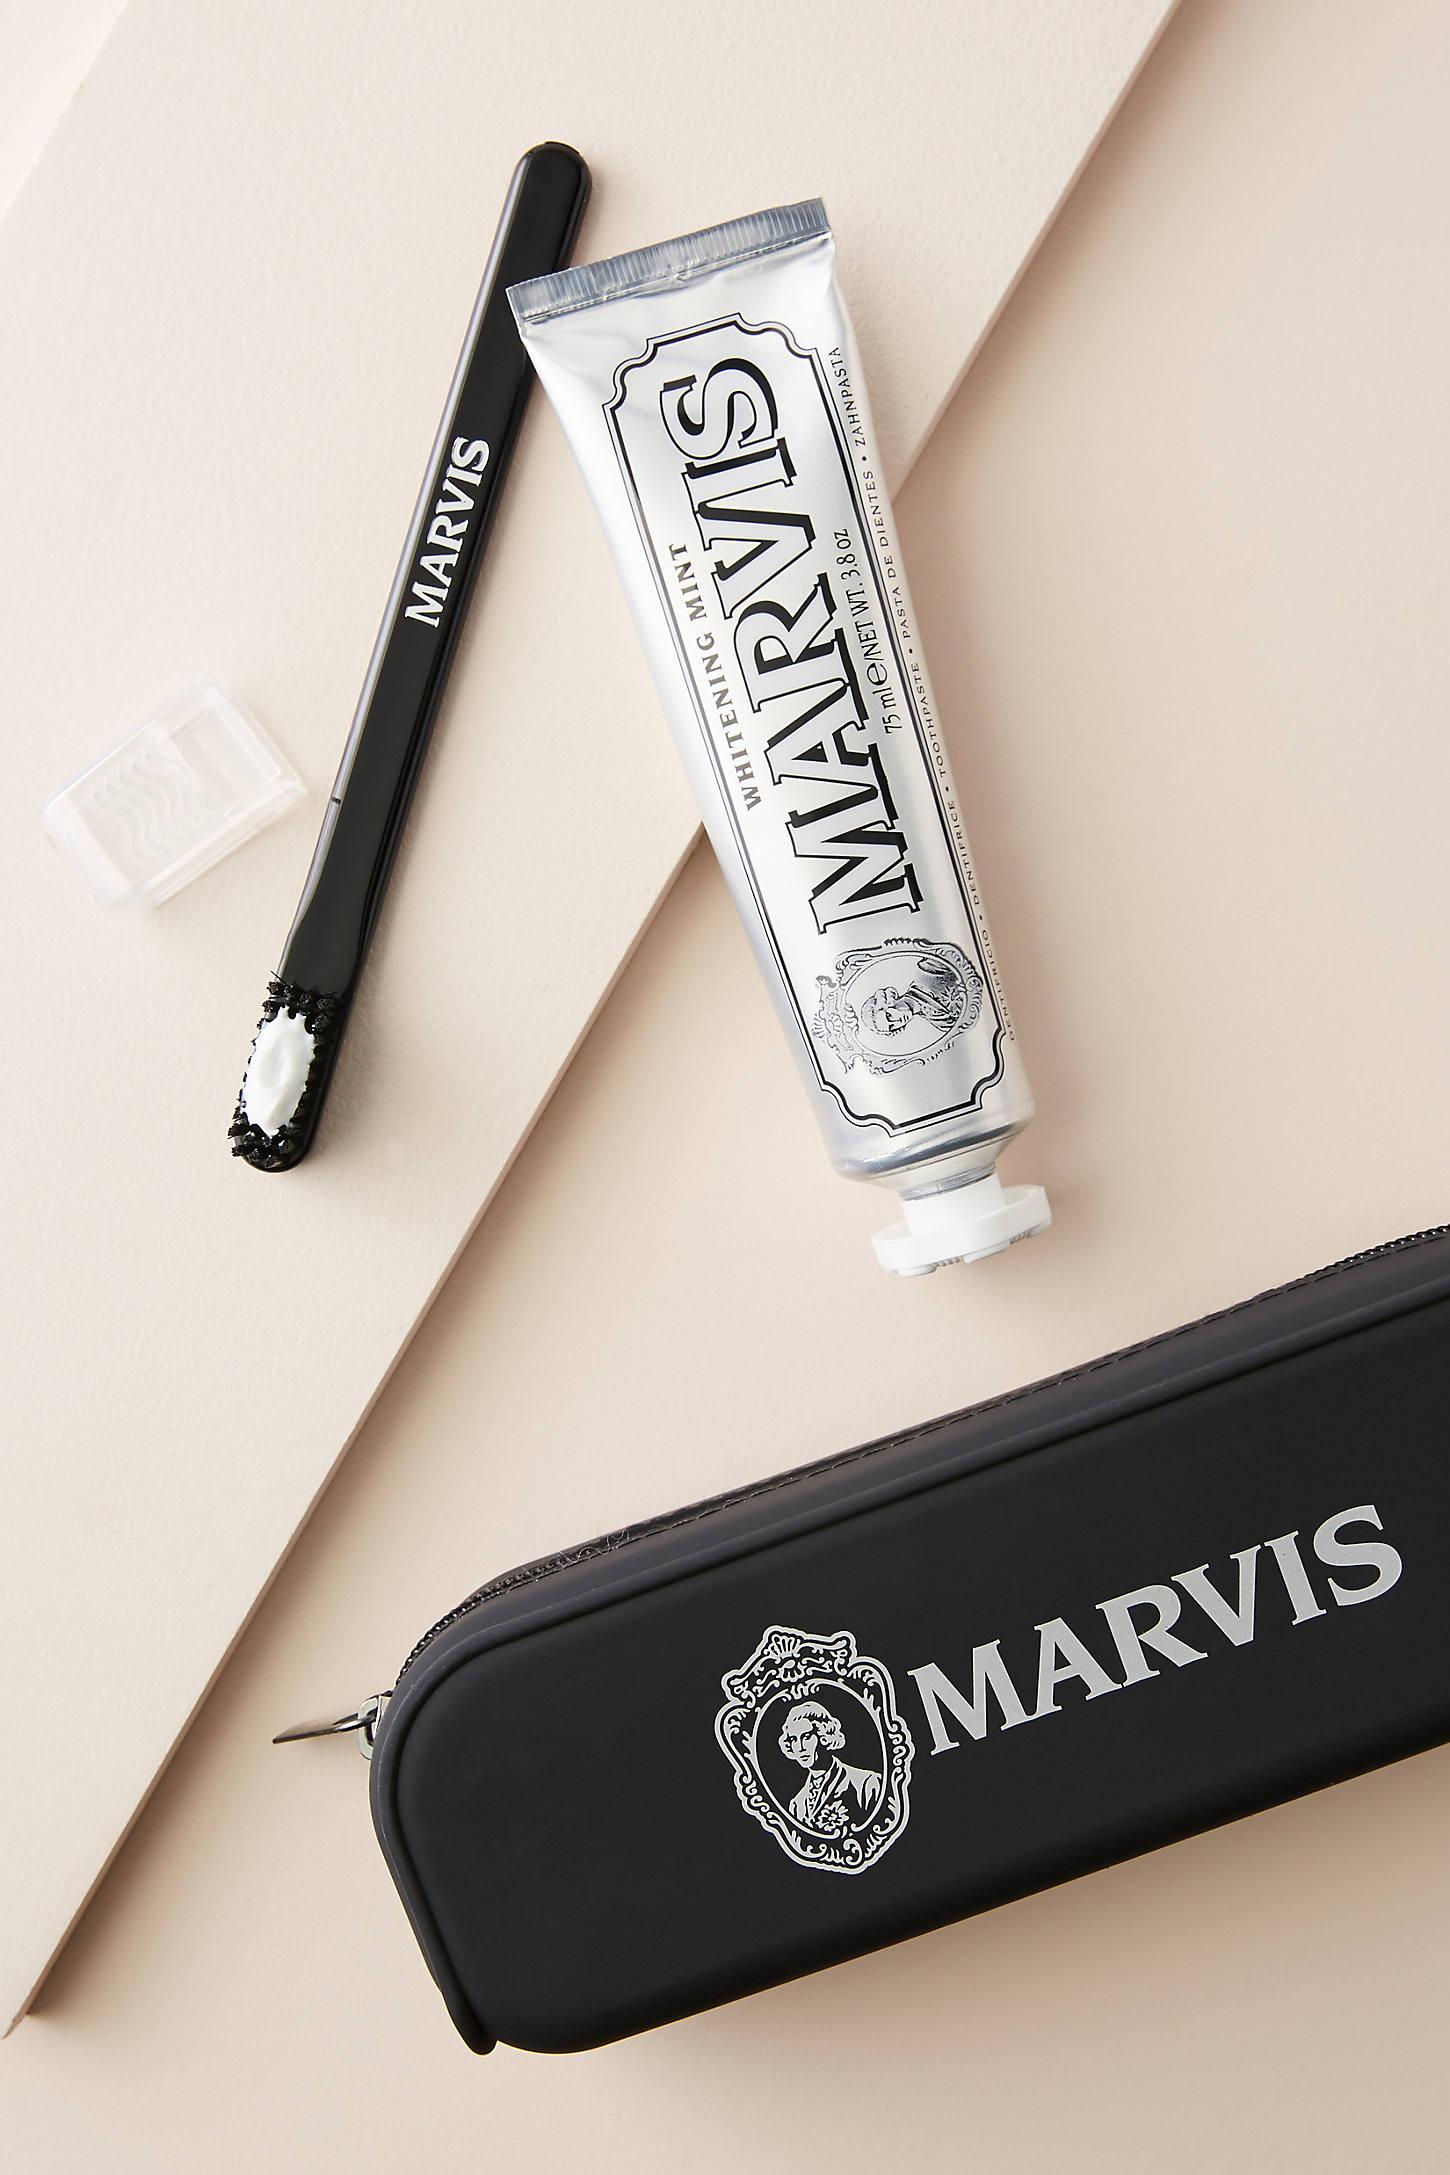 Marvis Toiletries Kit In Black